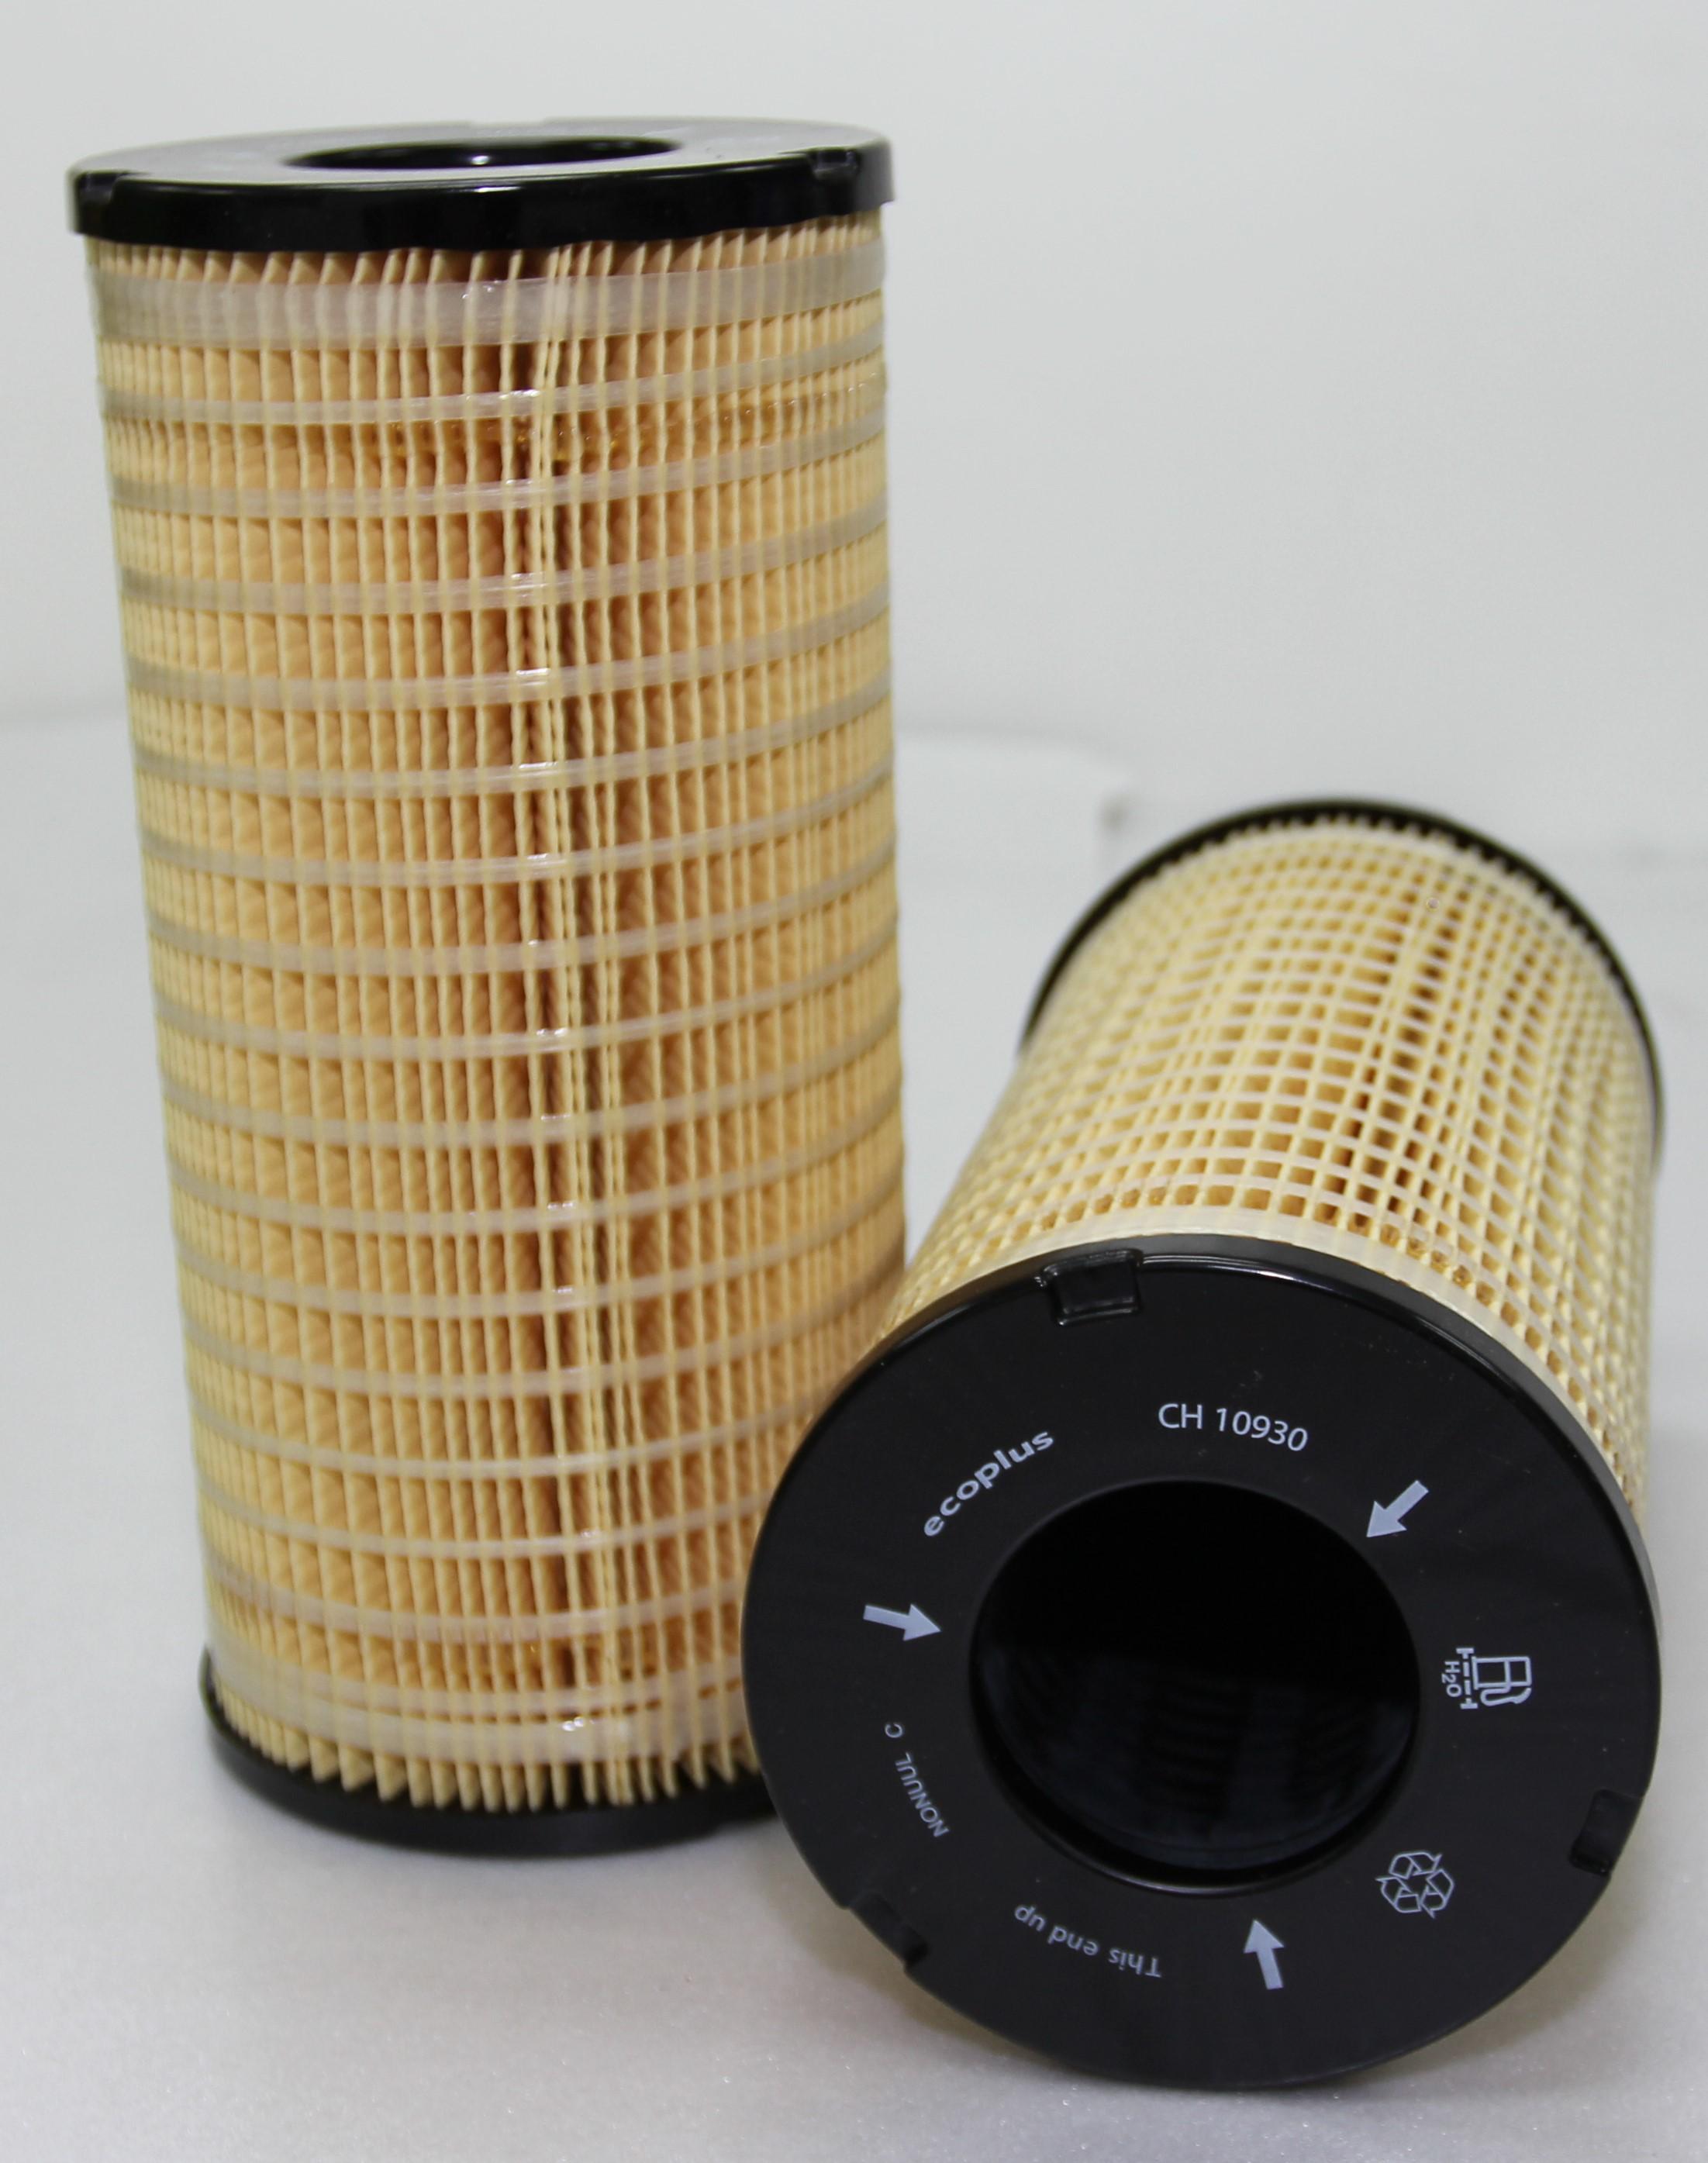 CH10930 Perkins Filter Fuel